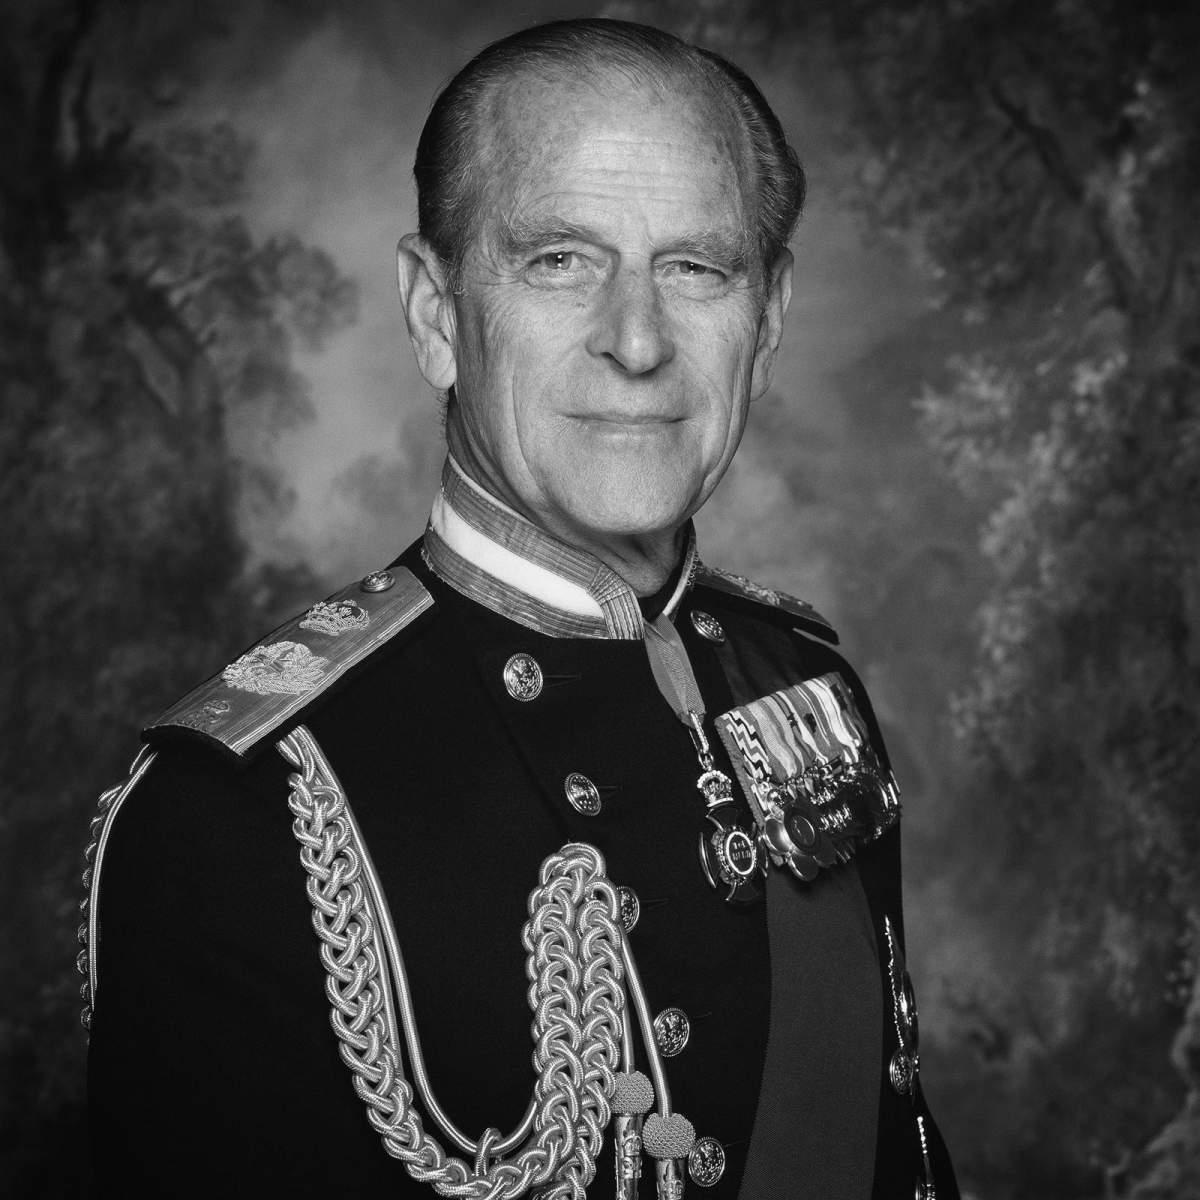 Prince Philis © The Royal Family